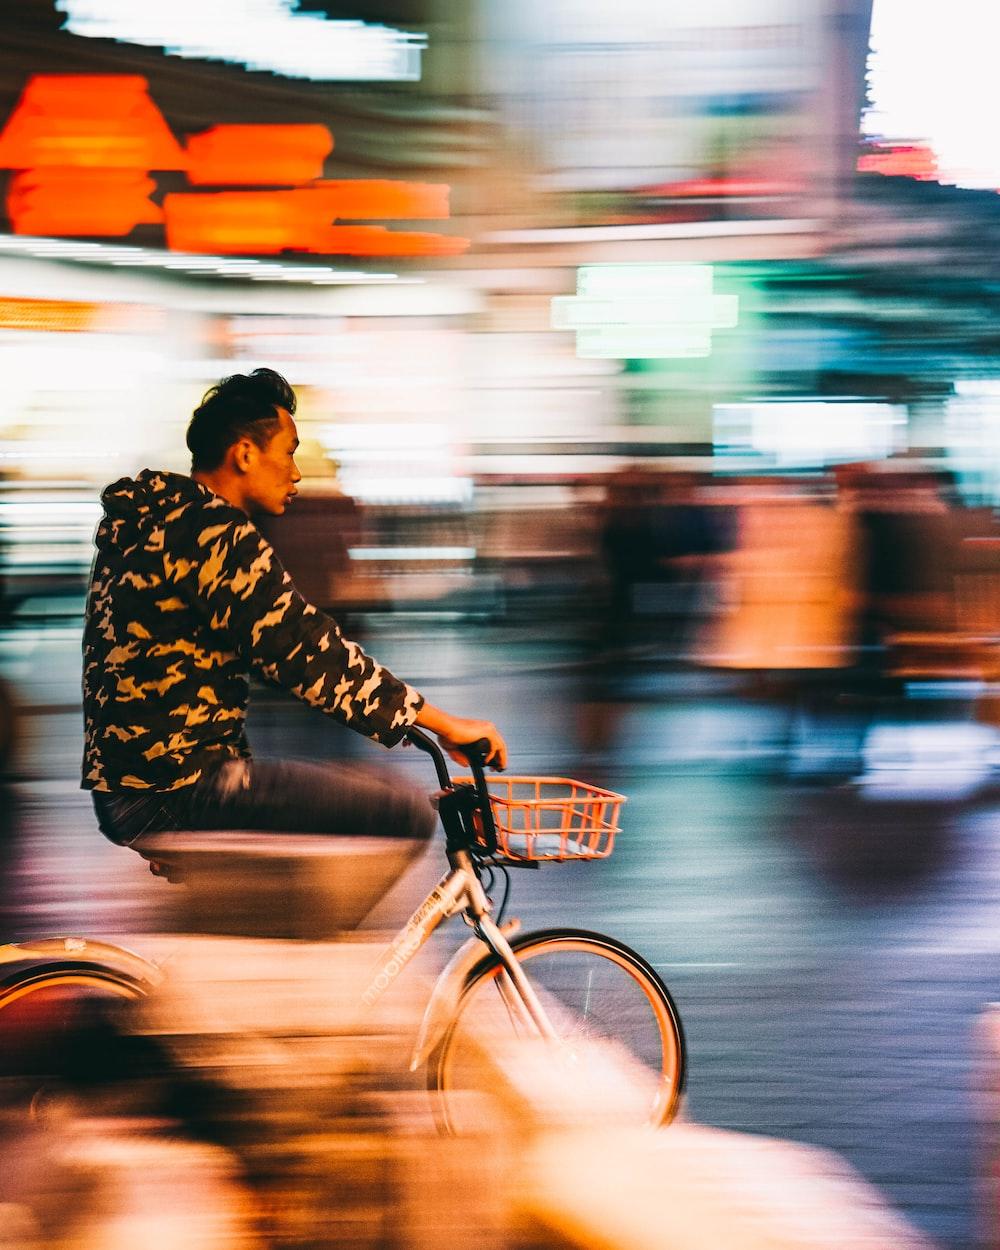 man riding on bike during daytime